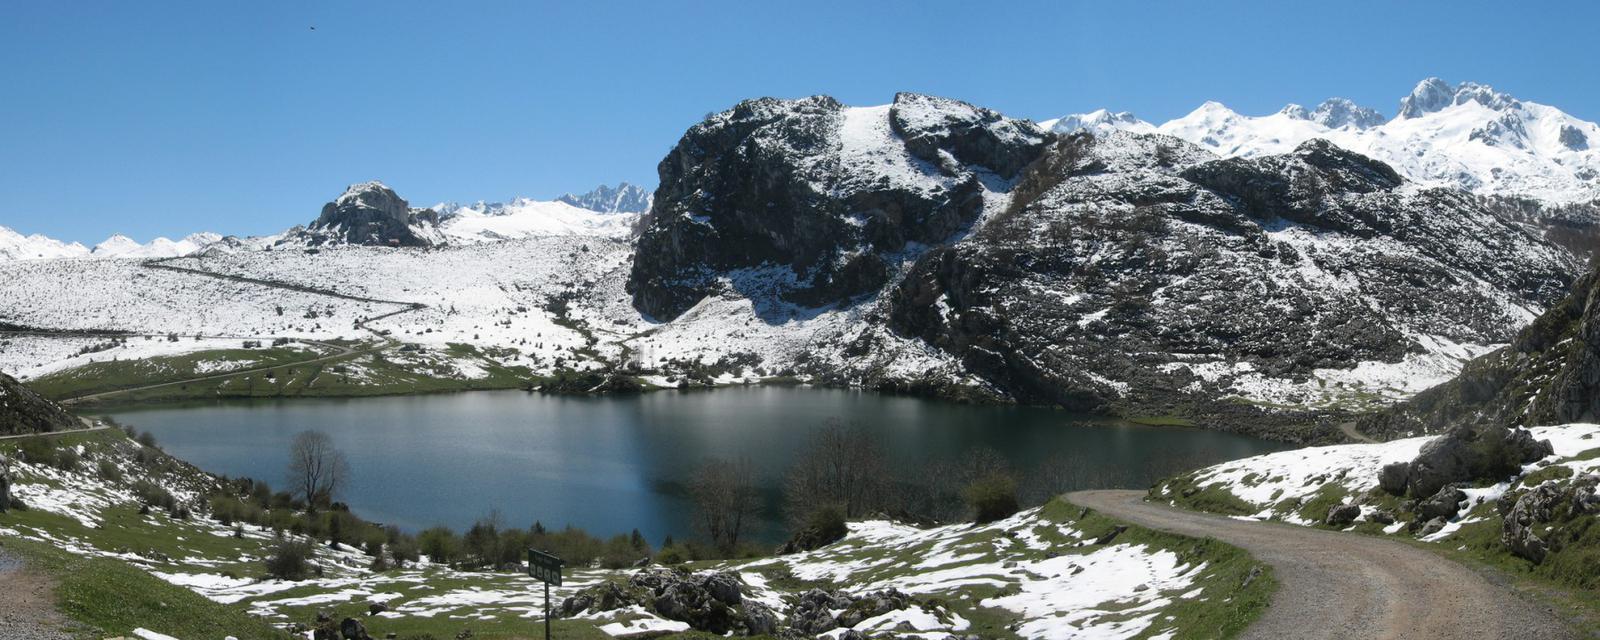 Lago Enol en el Parque Nacional de los Picos de Europa